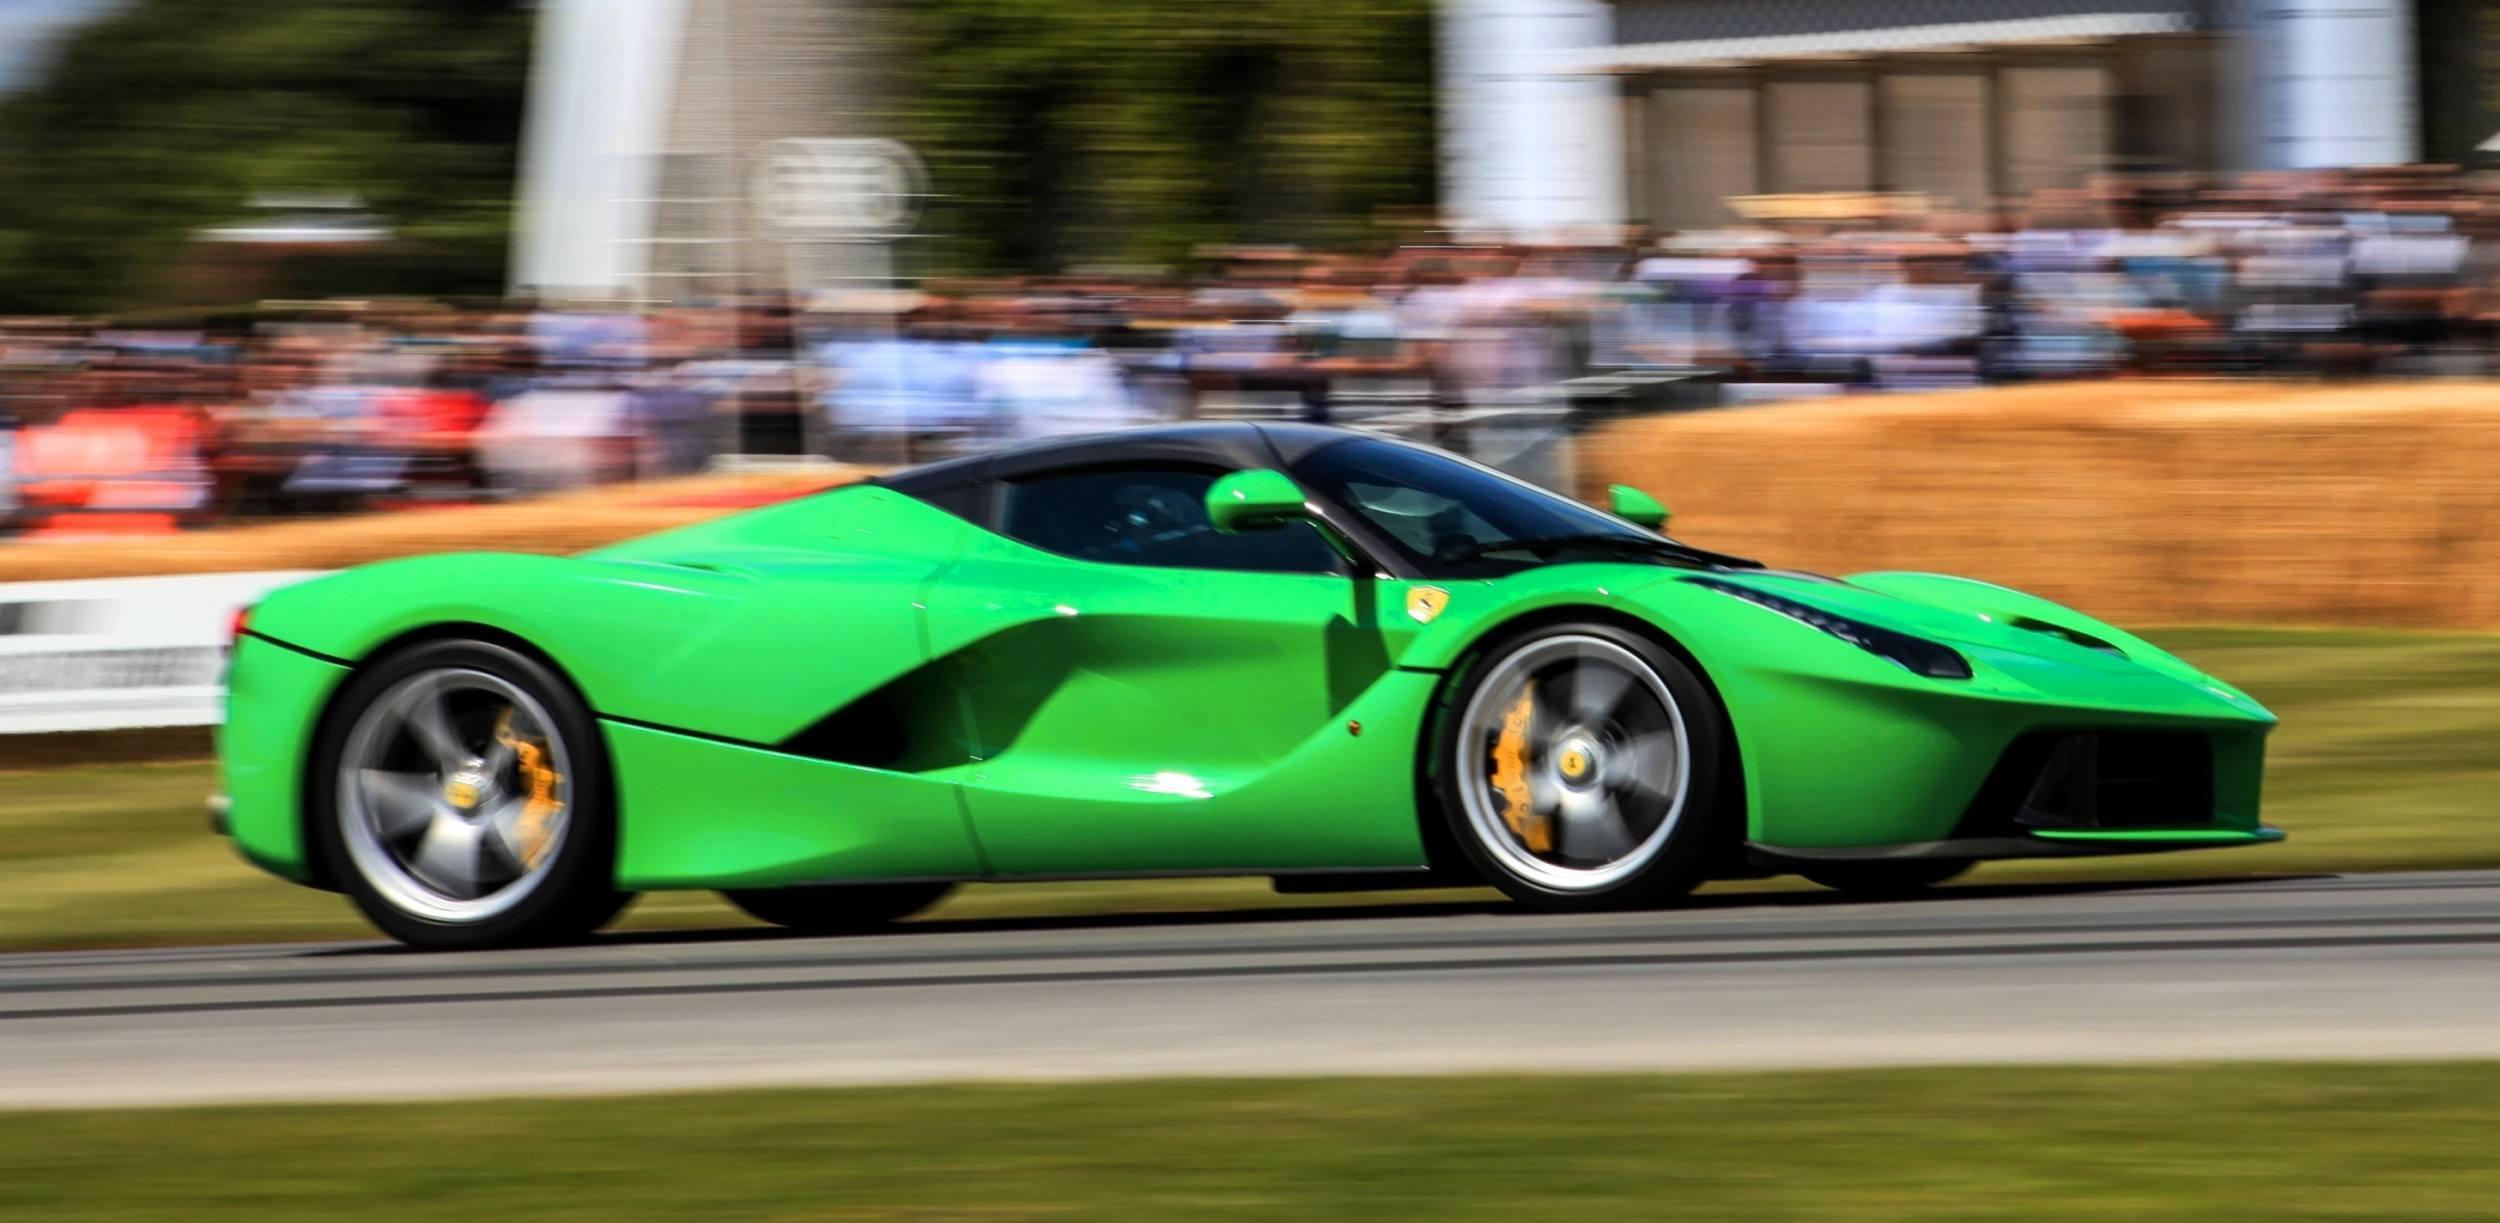 Monster Energy Ferrari Laferrari Front Plastic Car 2014 | El Tony